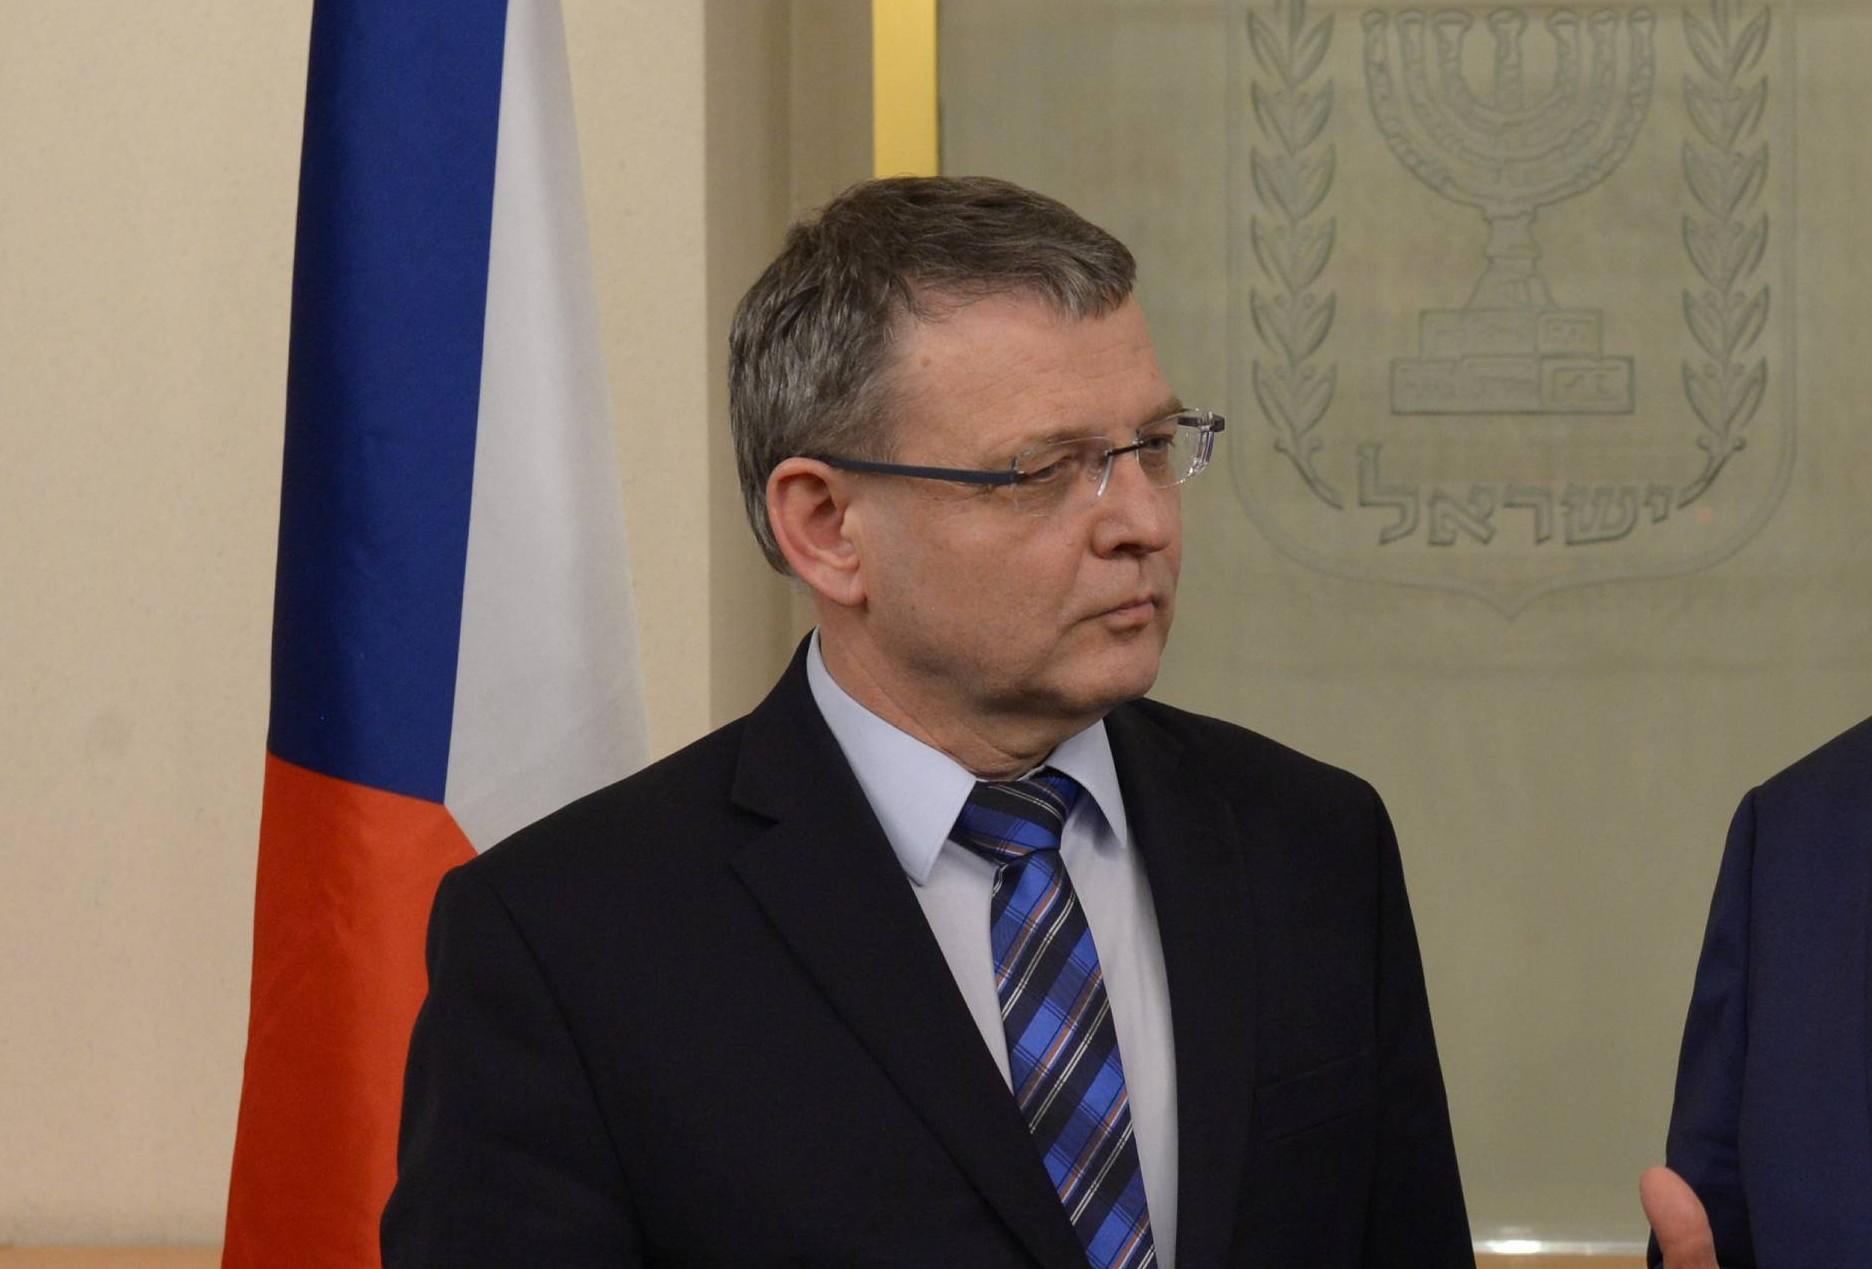 שר החוץ של צ'כיה